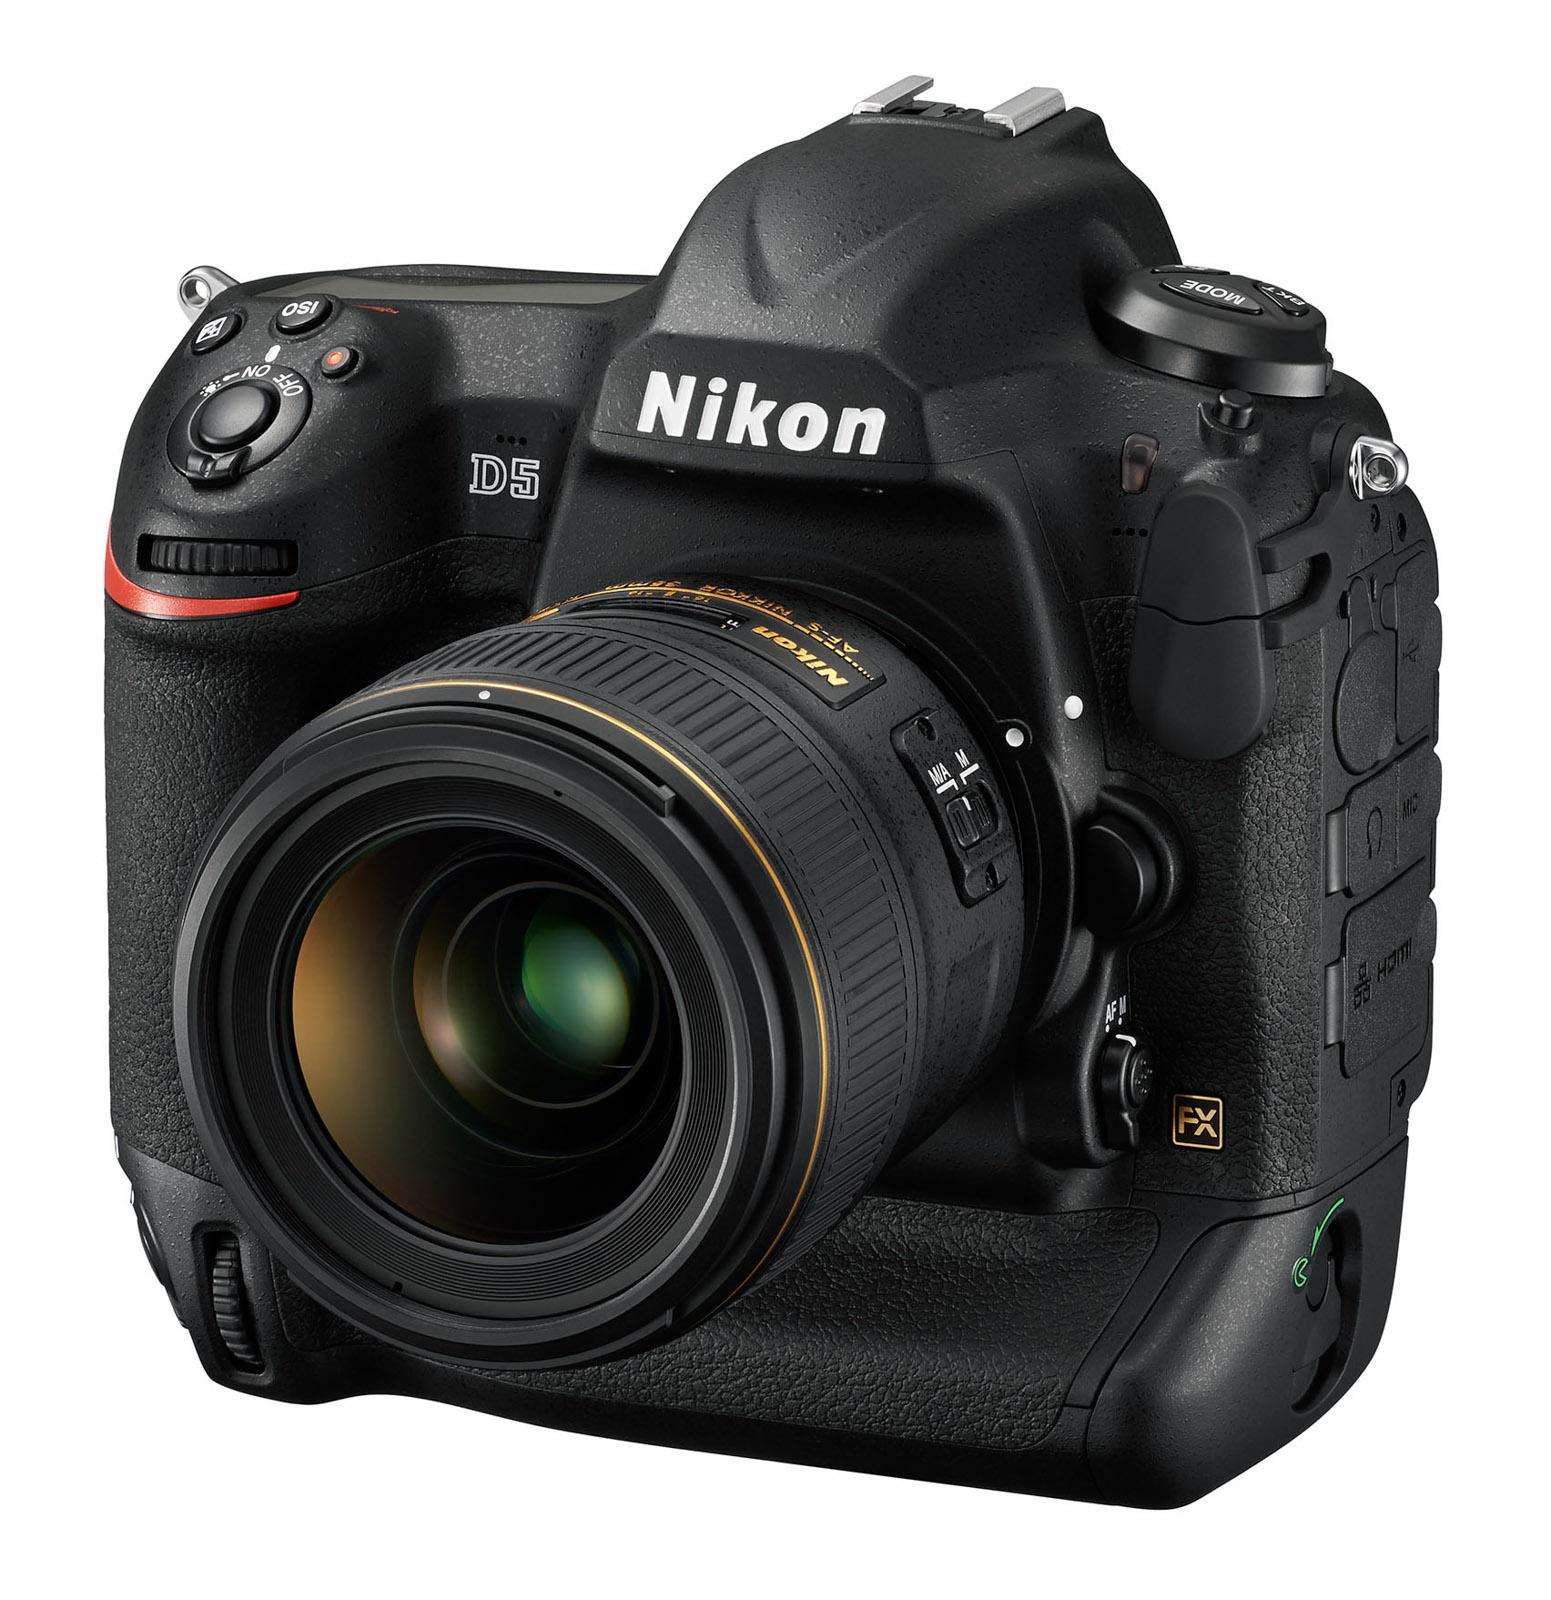 CES 2016 Nikon D5